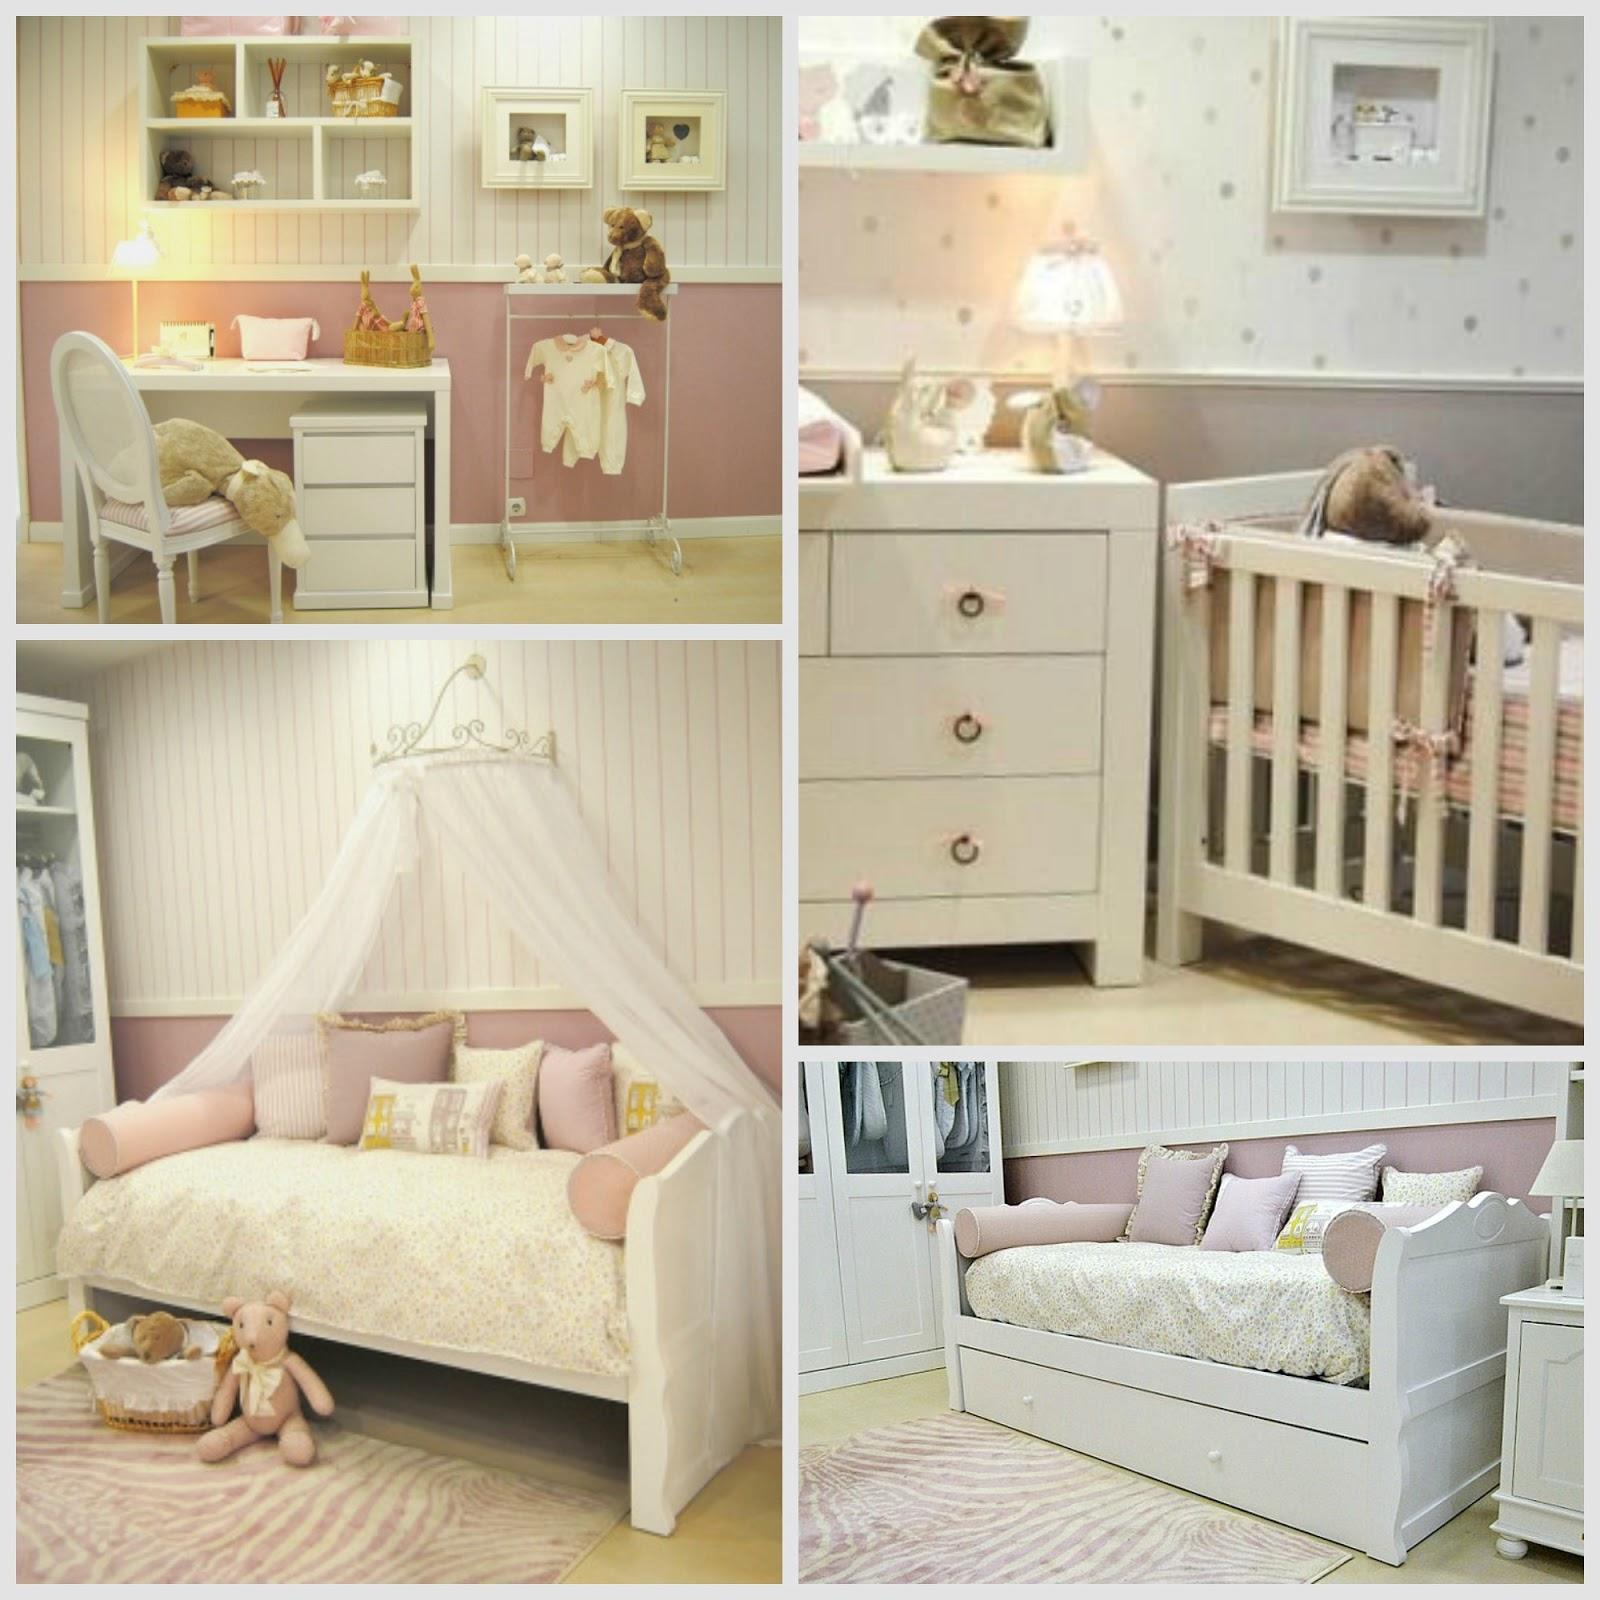 En casa de t a gretel ideas deco para una habitaci n de ni a - Ver habitaciones infantiles ...